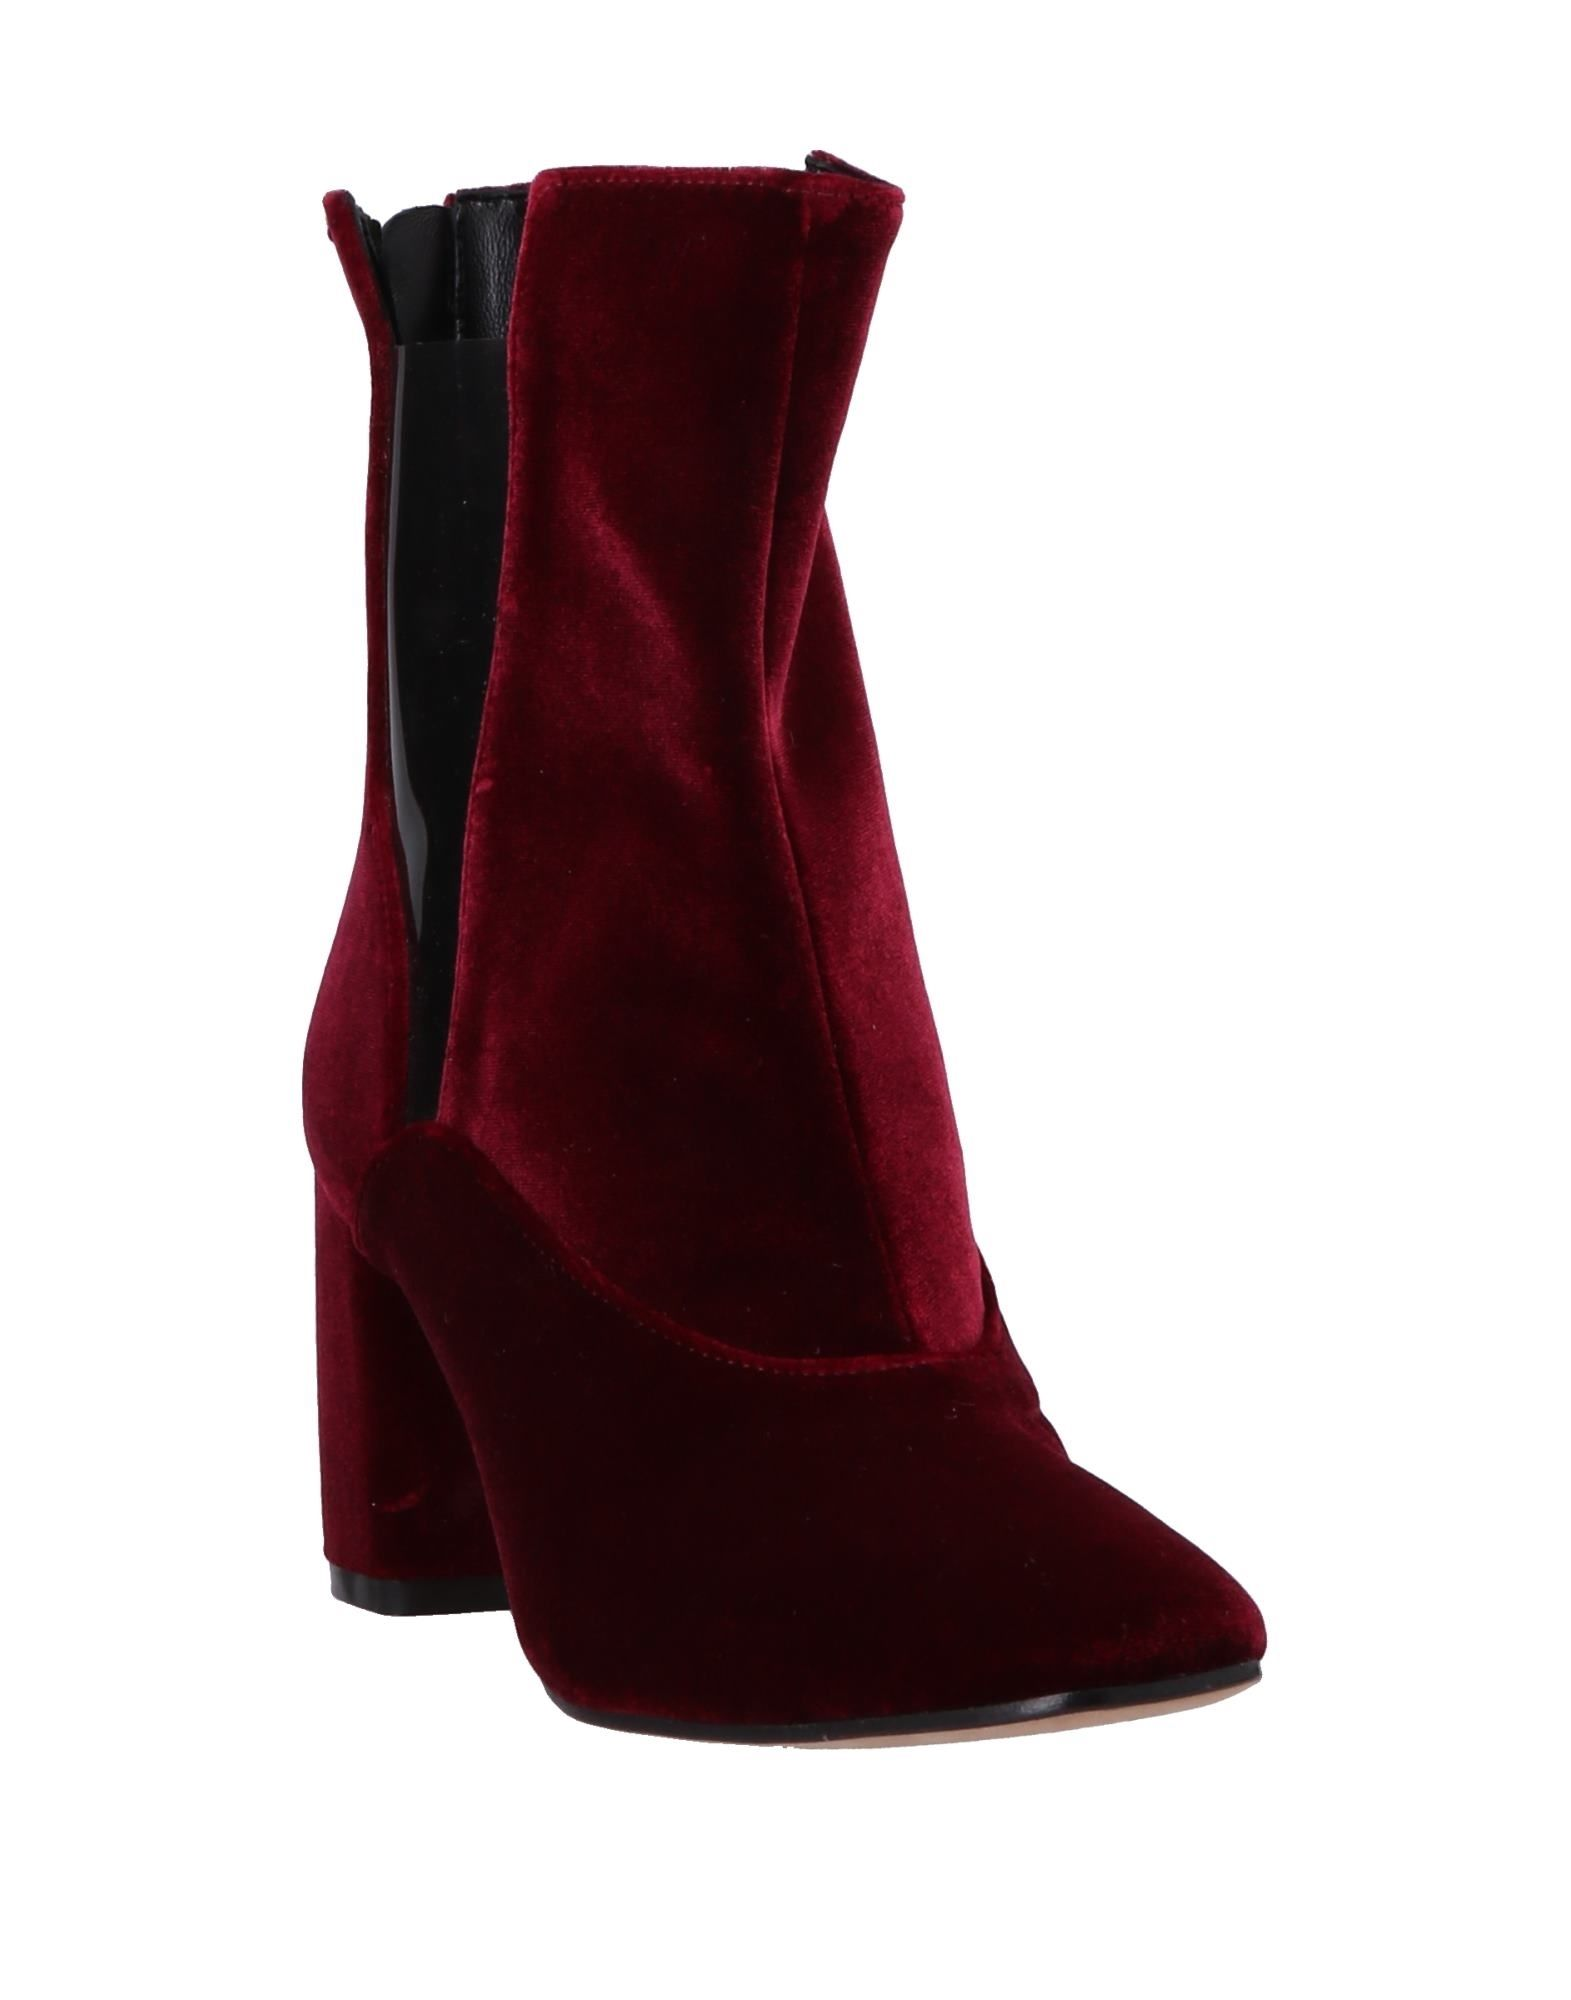 Marc Ellis Stiefelette Damen Damen Damen  11521285QO Gute Qualität beliebte Schuhe 4be397